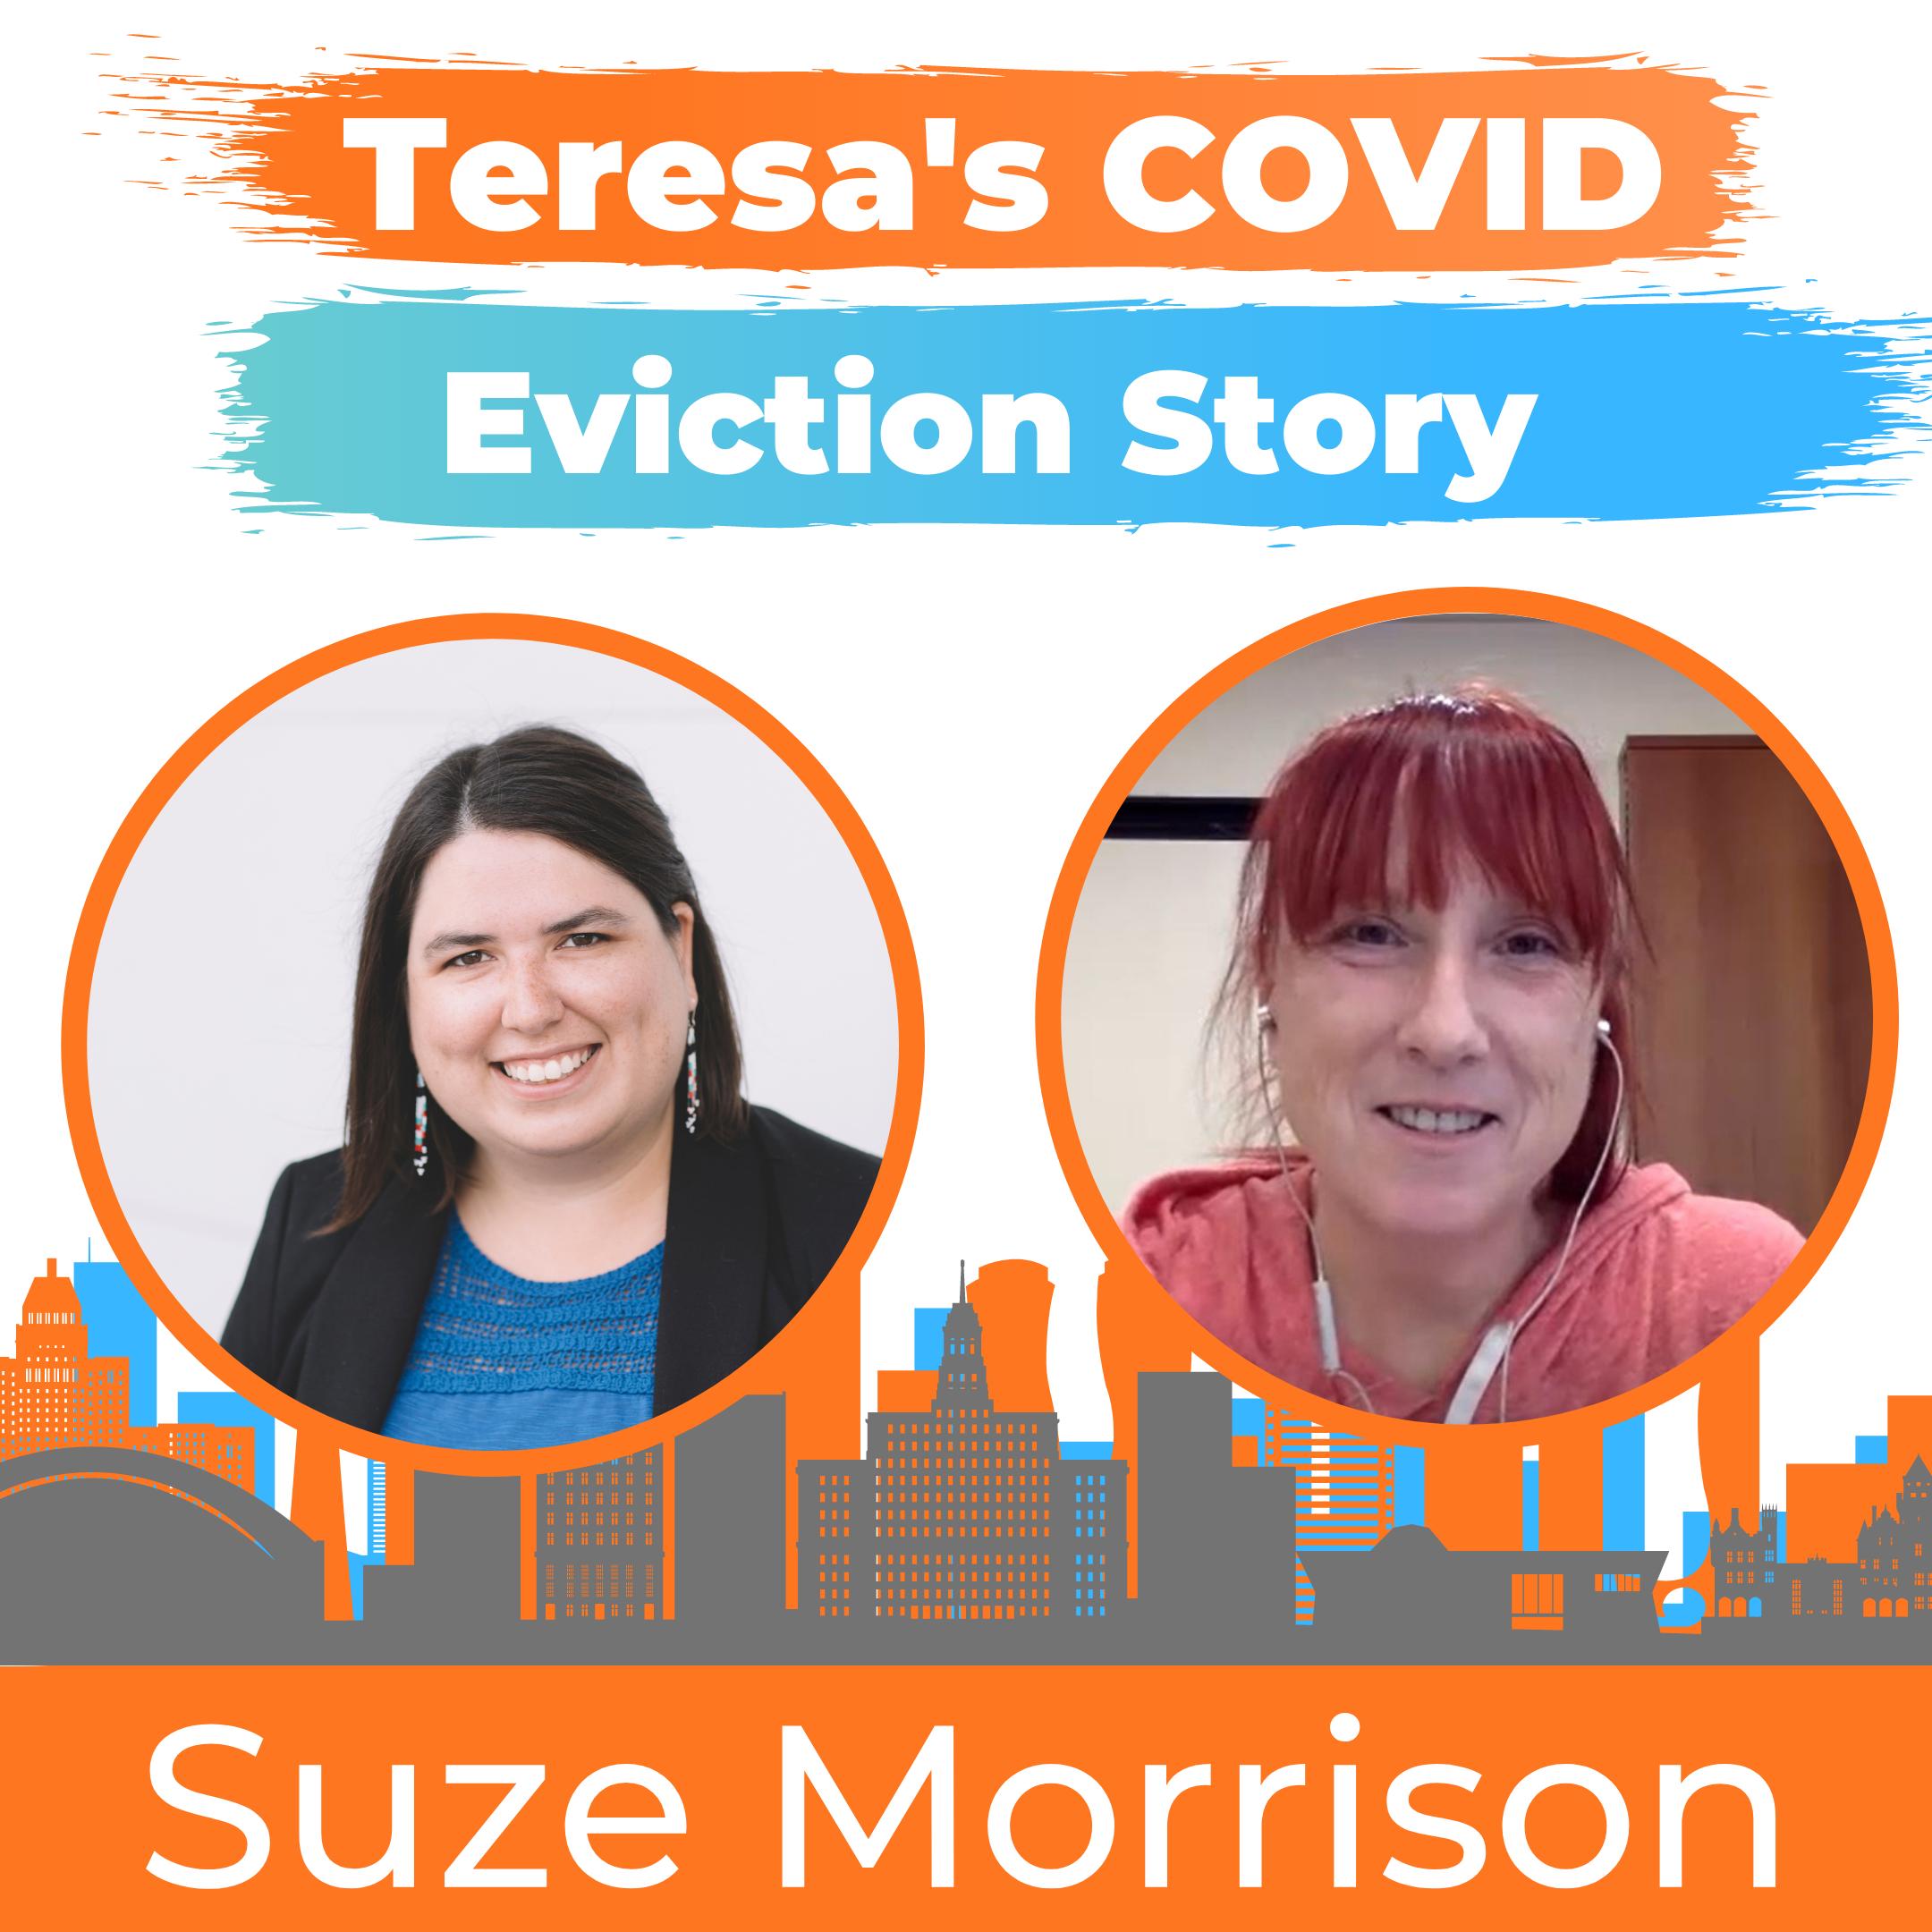 Teresa's COVID Eviction Story